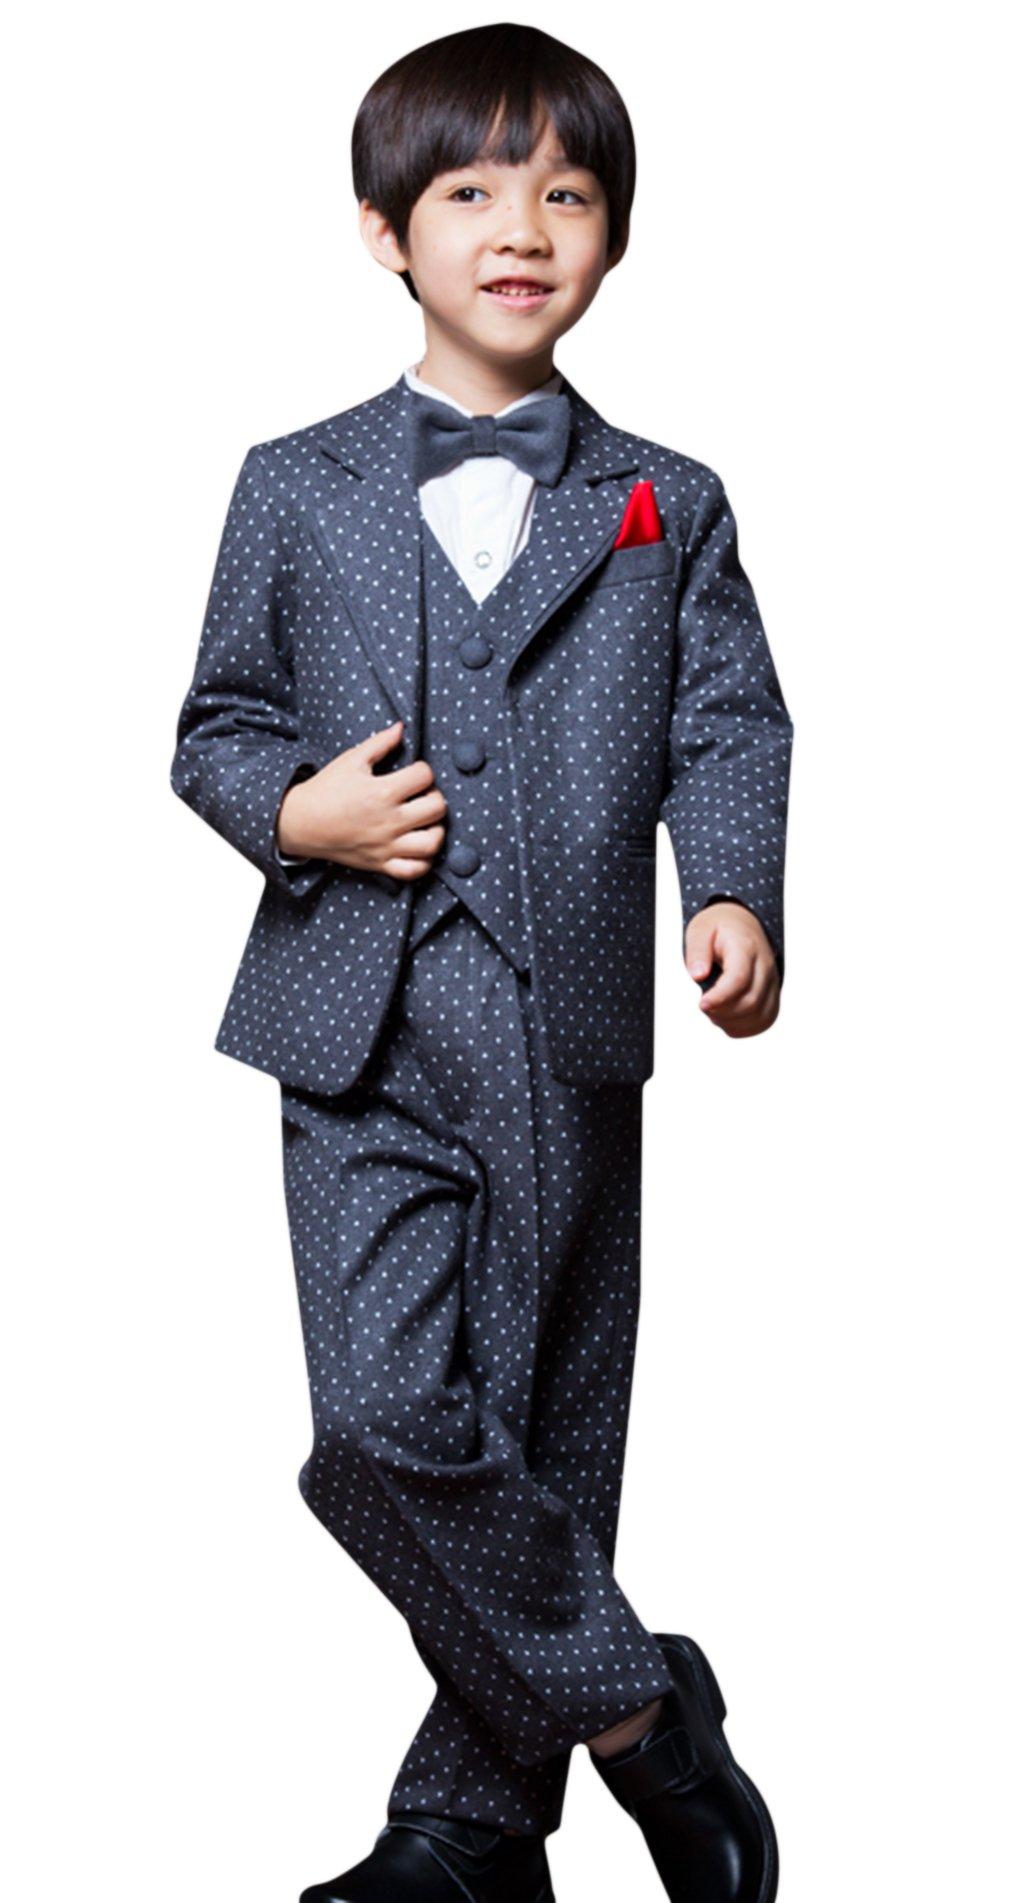 La Vogue Boys Formal 5 Piece Dress Suit Jacket Vest Shirt Pant and Bow S4 by La Vogue